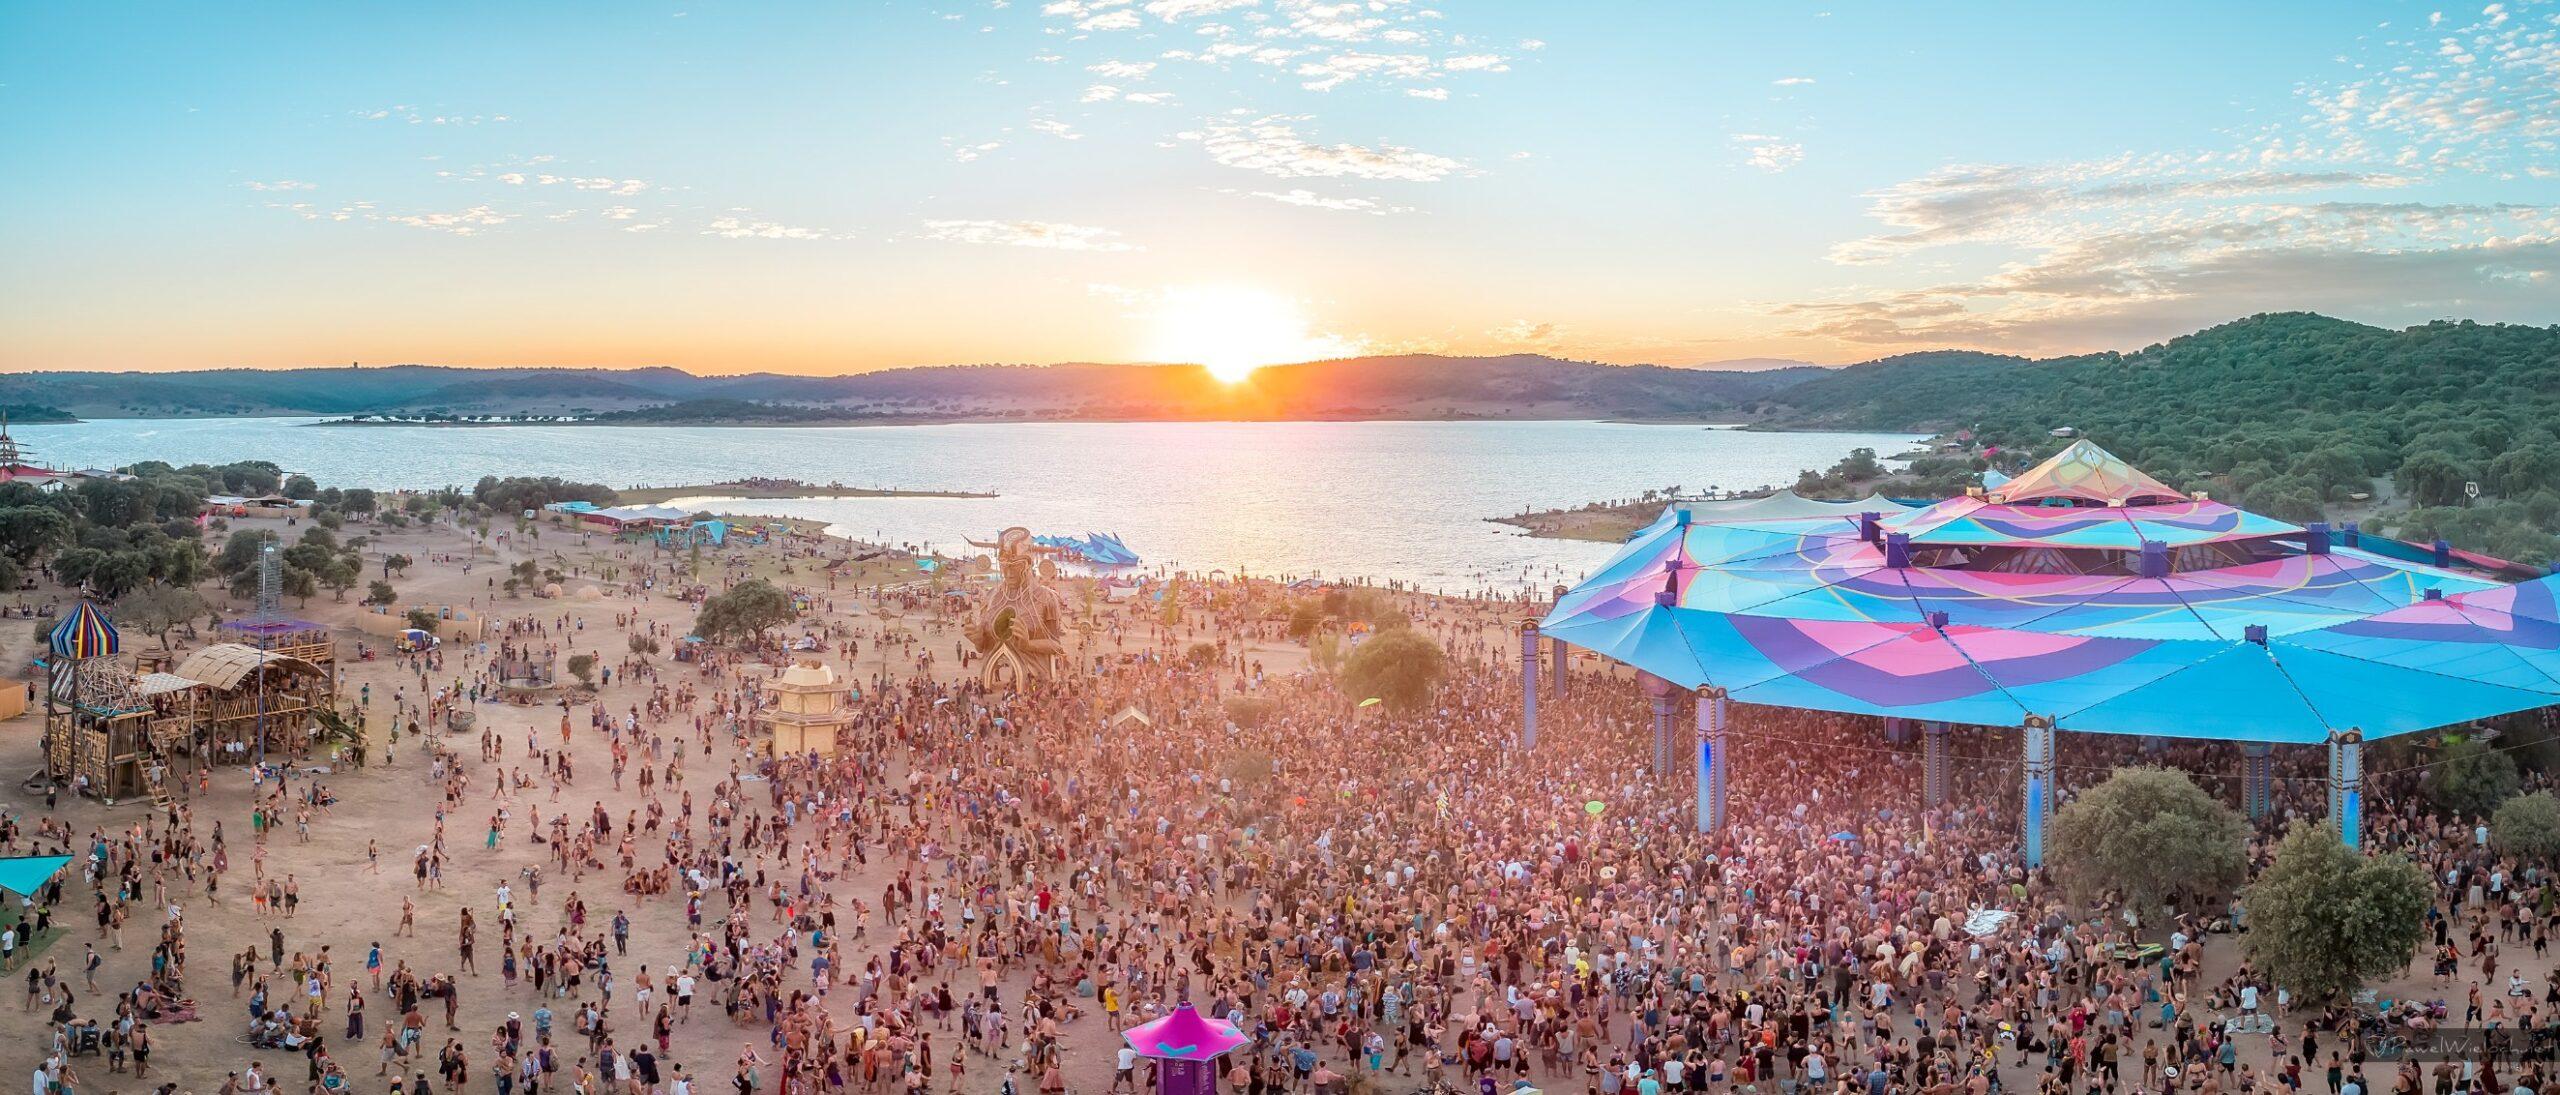 Boom Festival: os números deste festival internacional no interior de Portugal